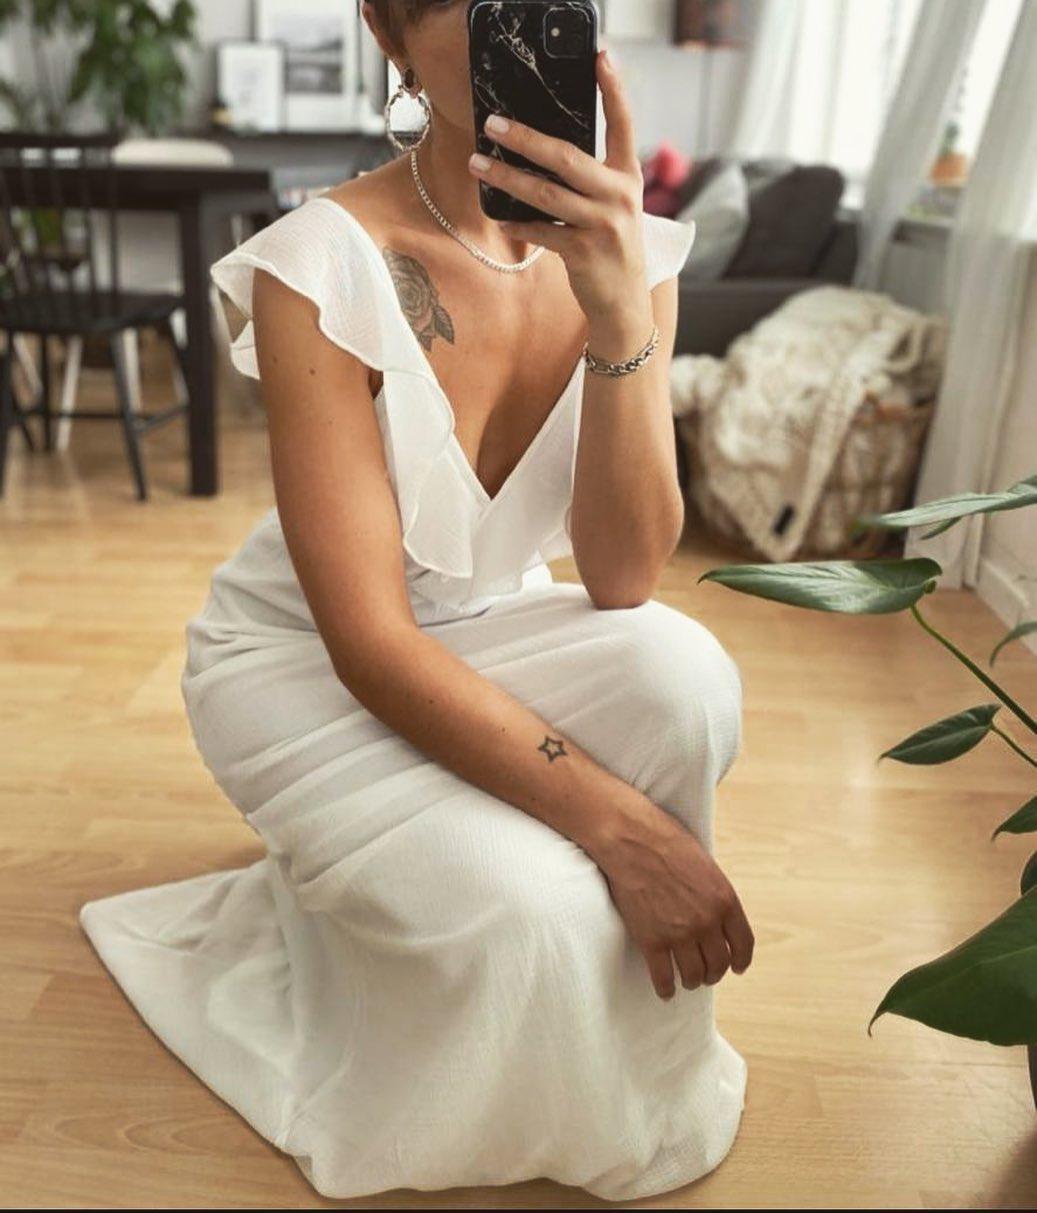 robe cocktail blanche de Les Bourgeoises sur lesbourgeoisesofficiel